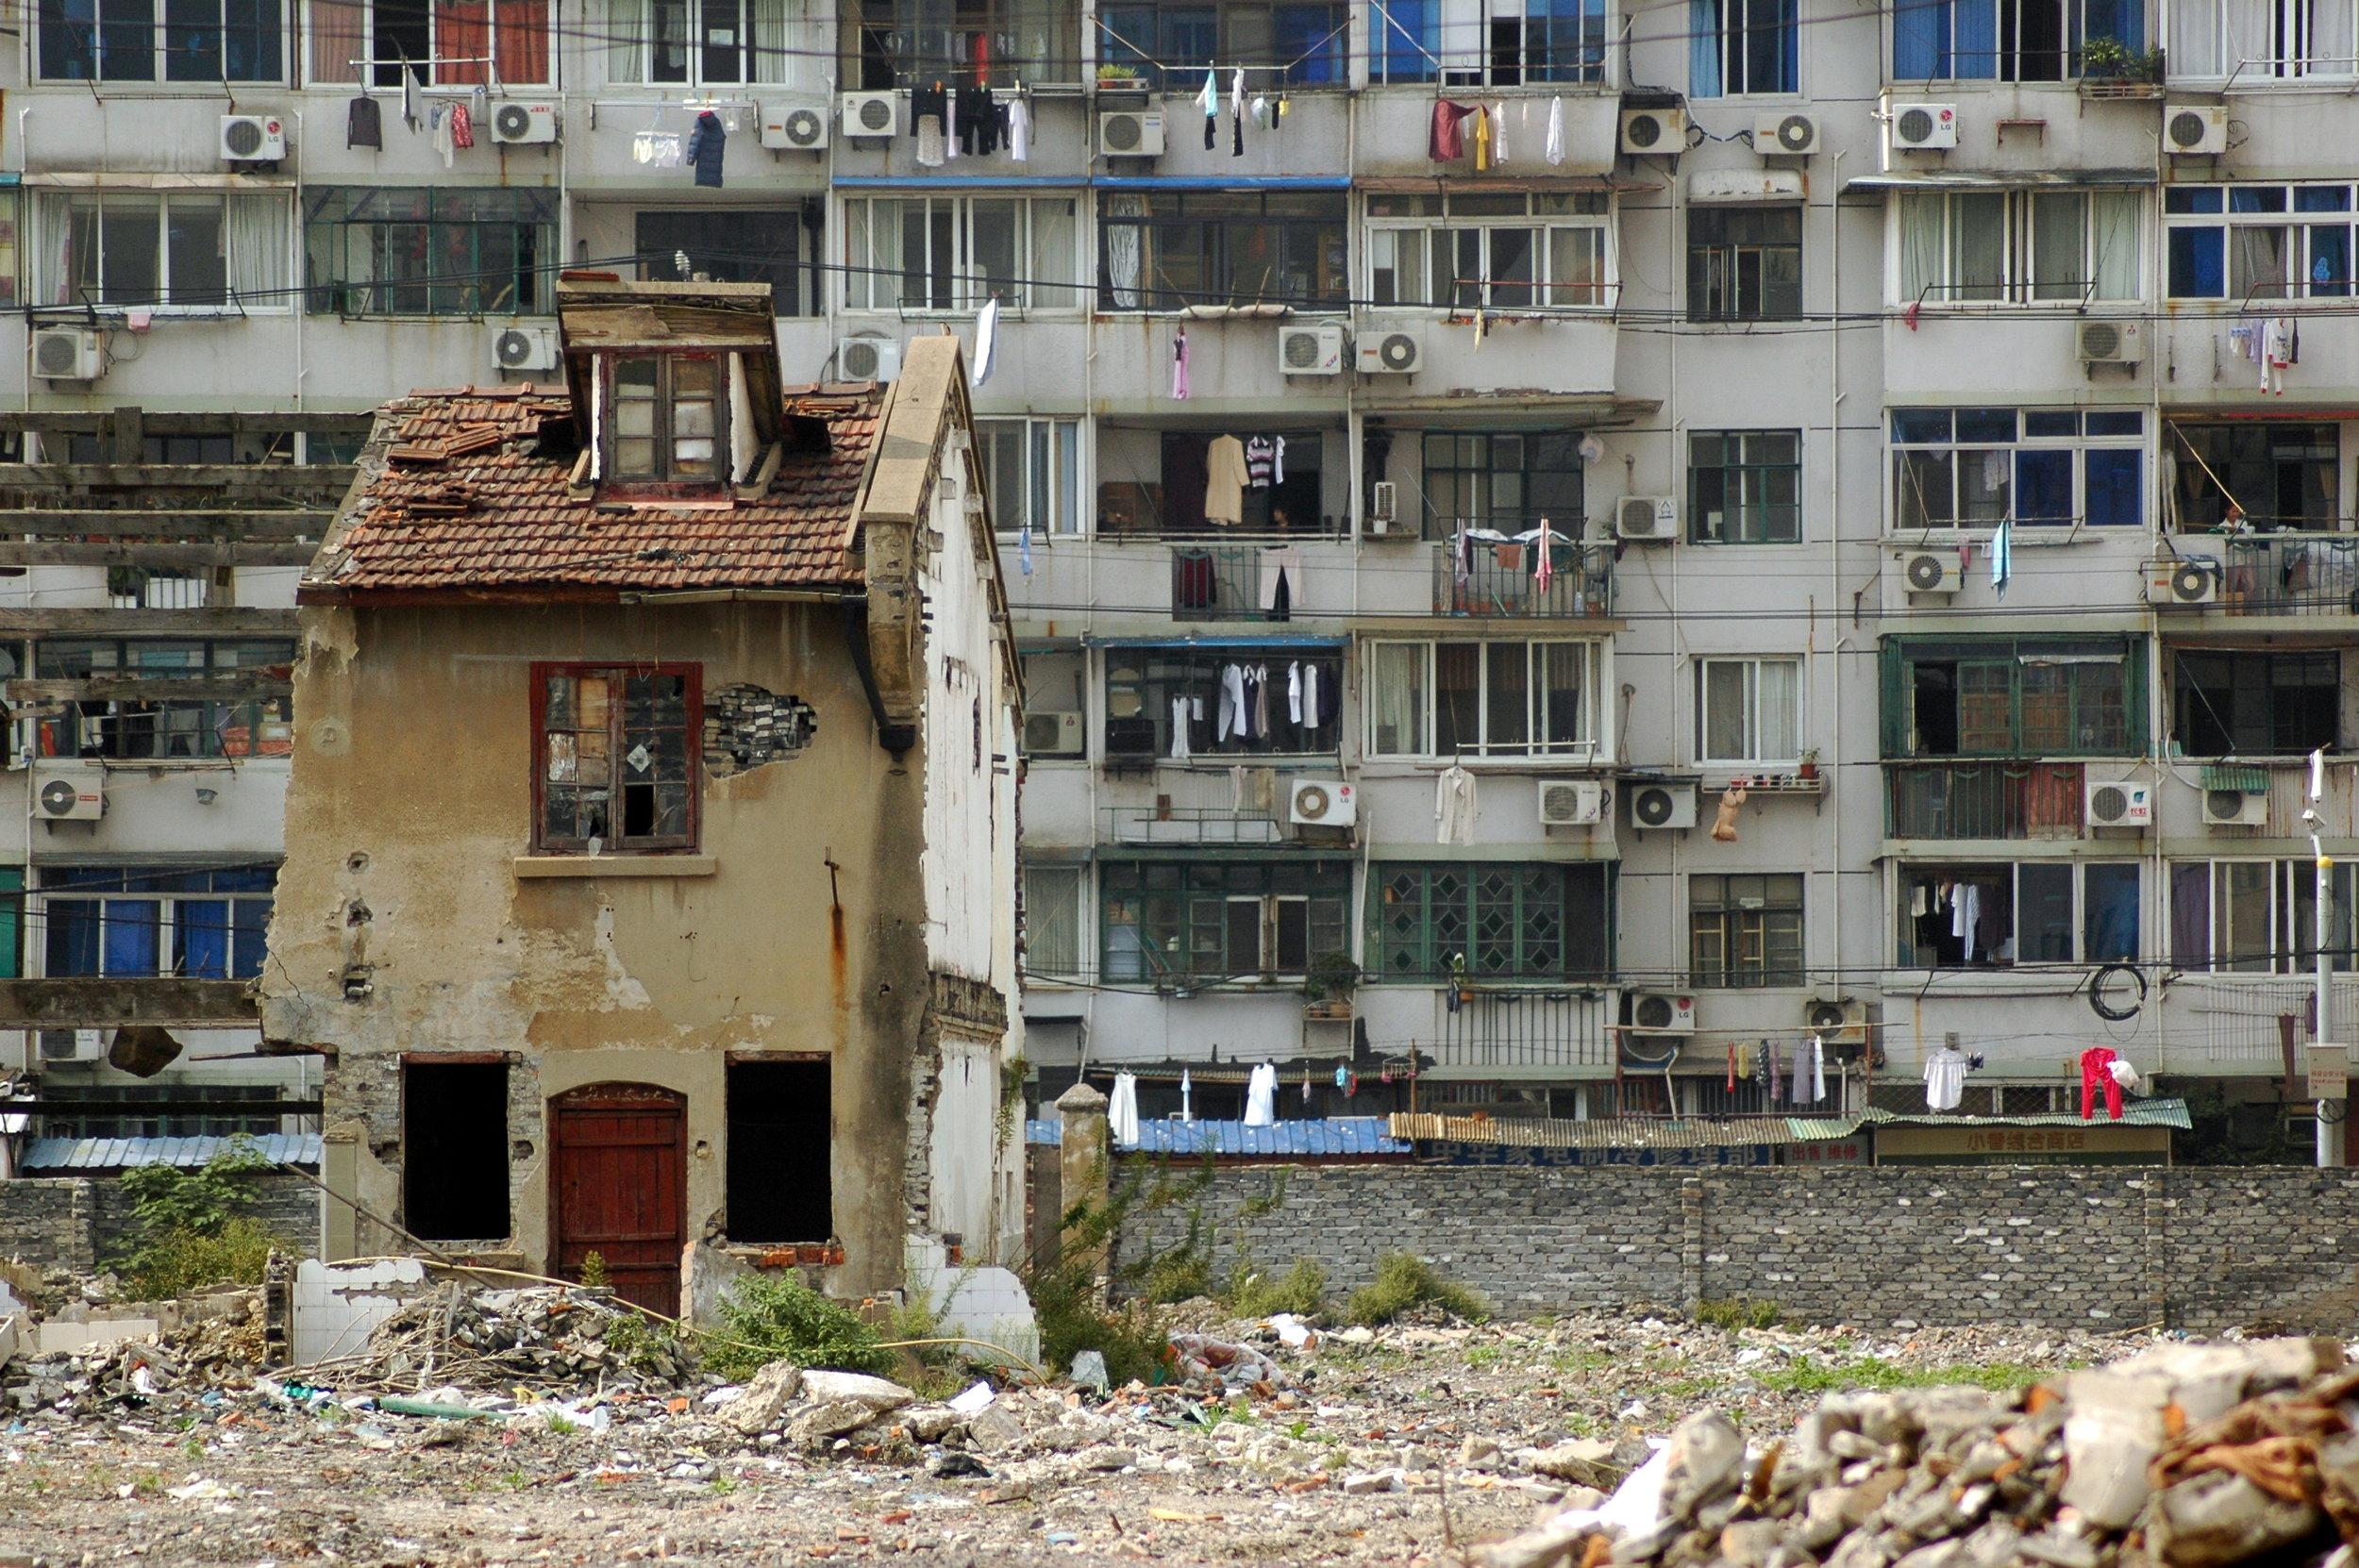 Les 'maisons clous' désignent une bâtisse que les propriétaires refusent de quitter et de voir détruite sous la pression de promoteurs immobiliers.